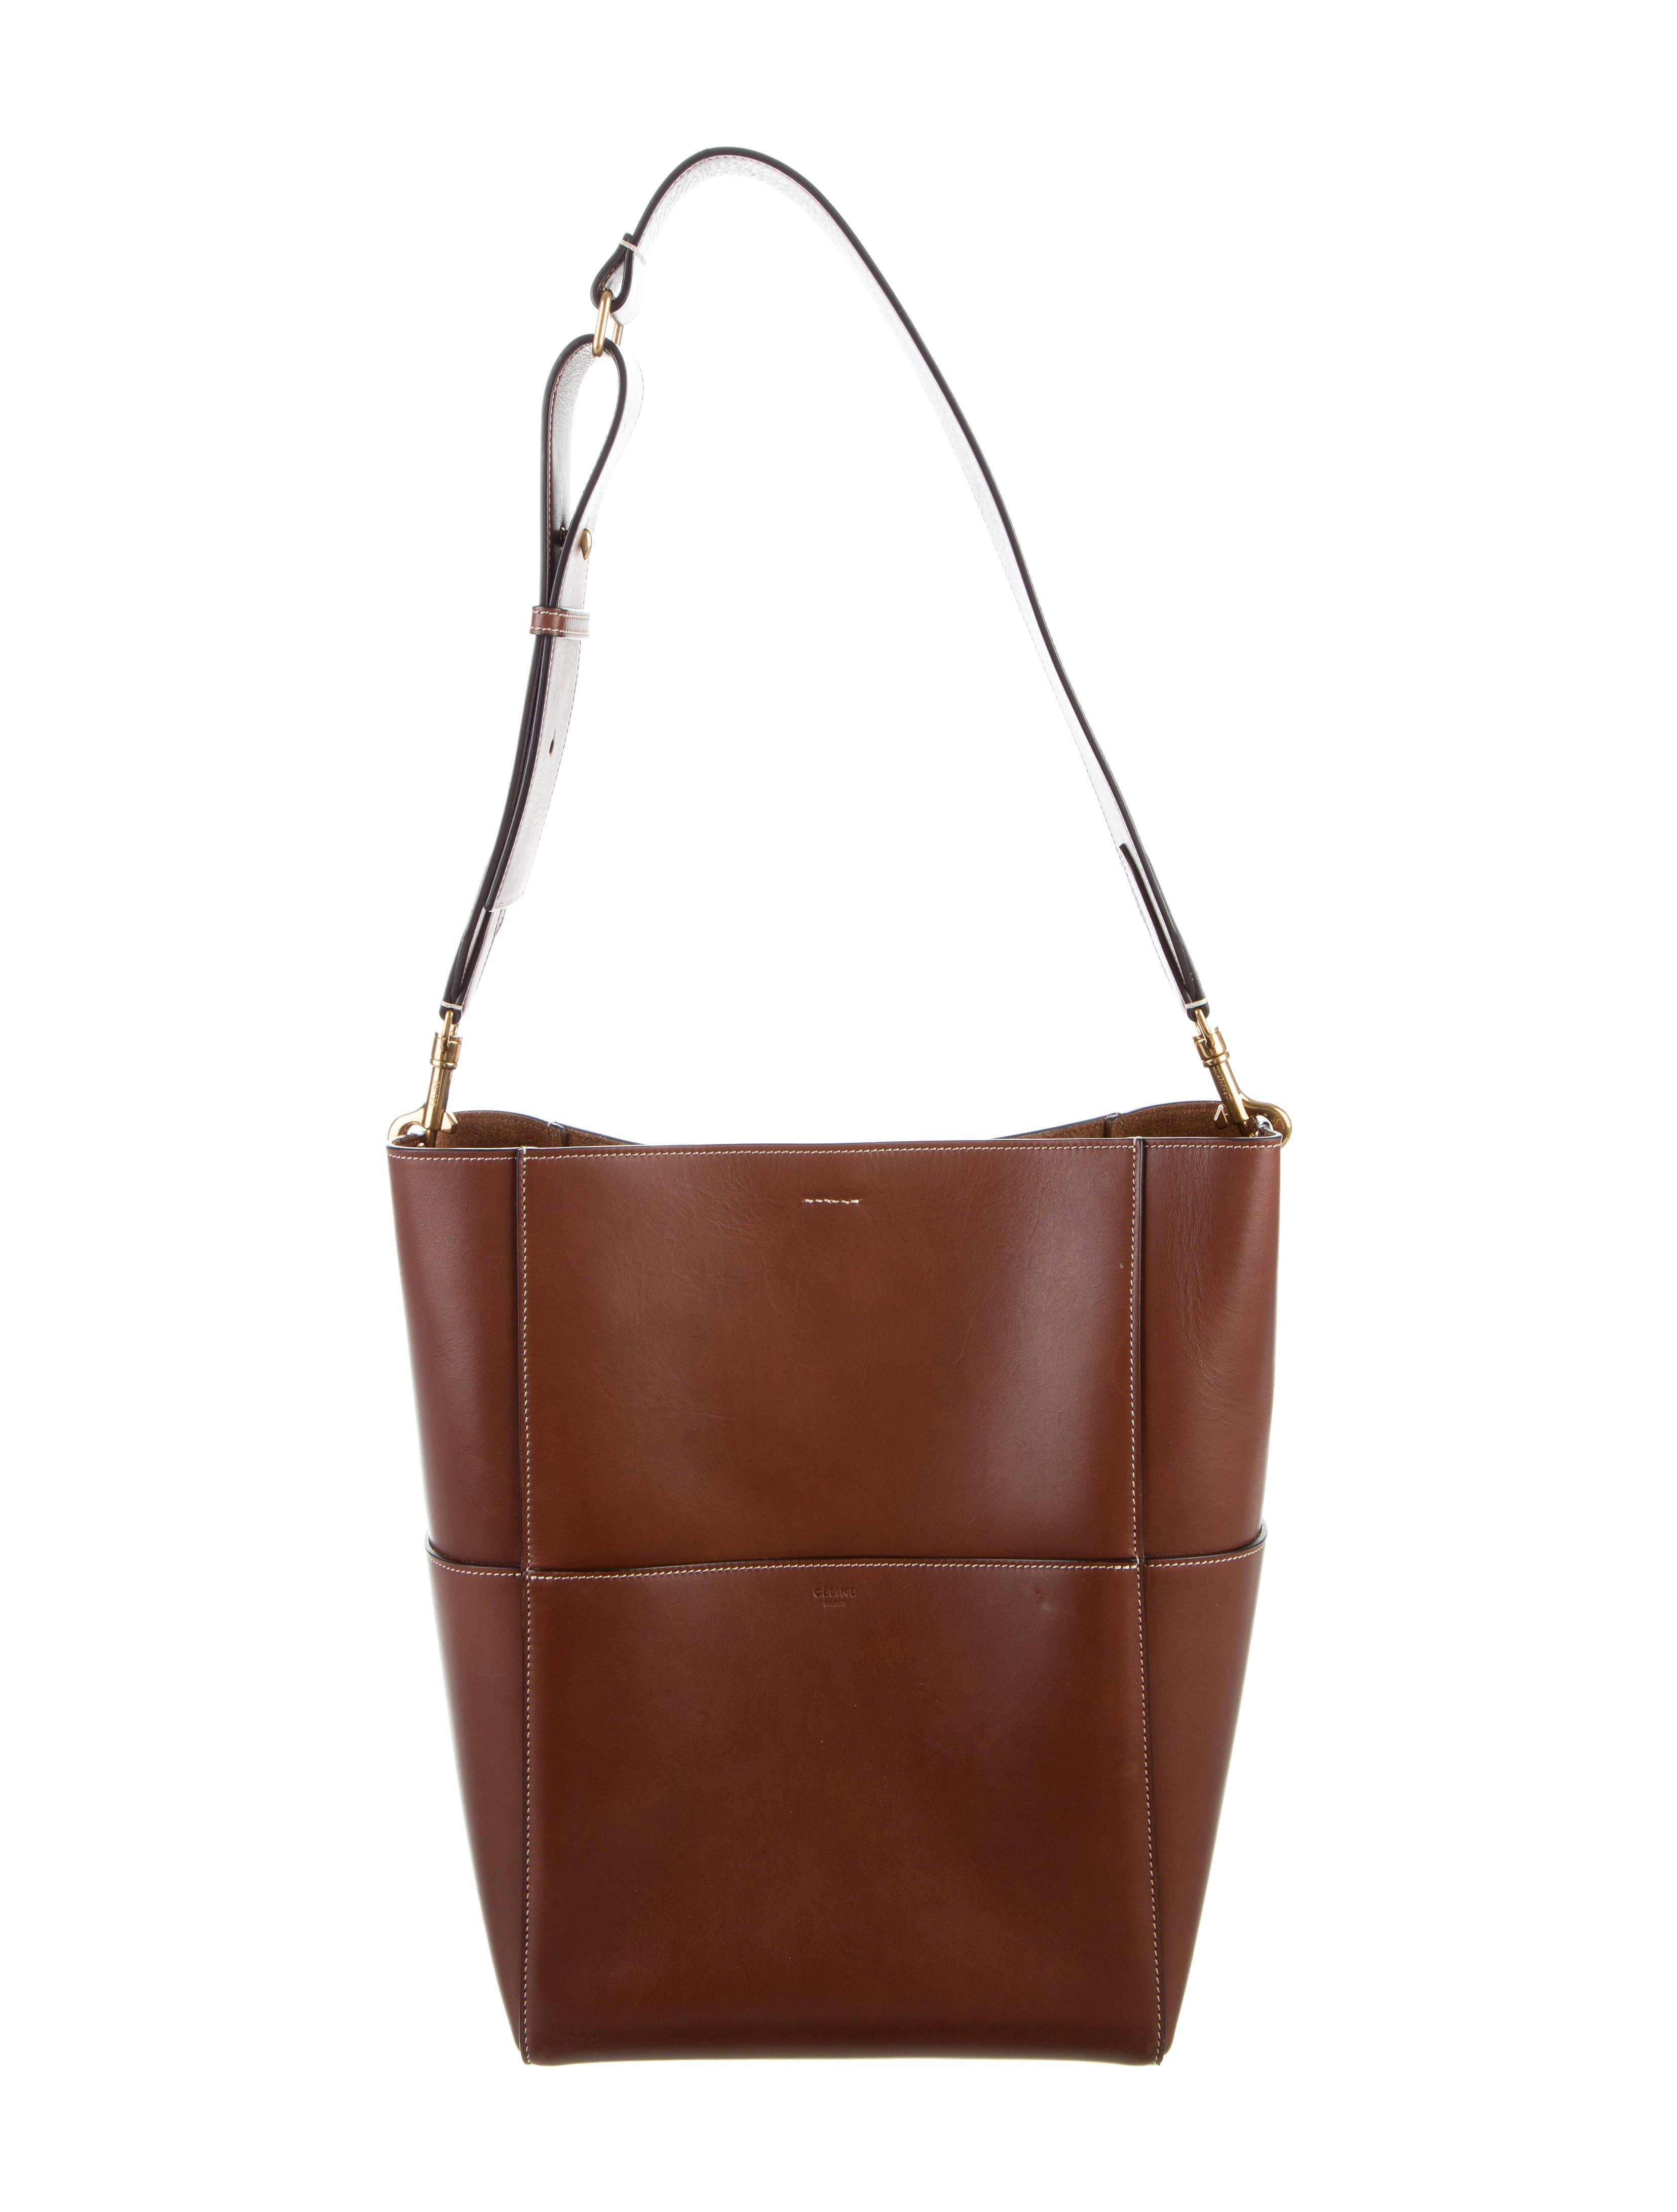 Modern Wall Hook C 233 Line 2016 Seau Sangle Bag Handbags Cel50147 The